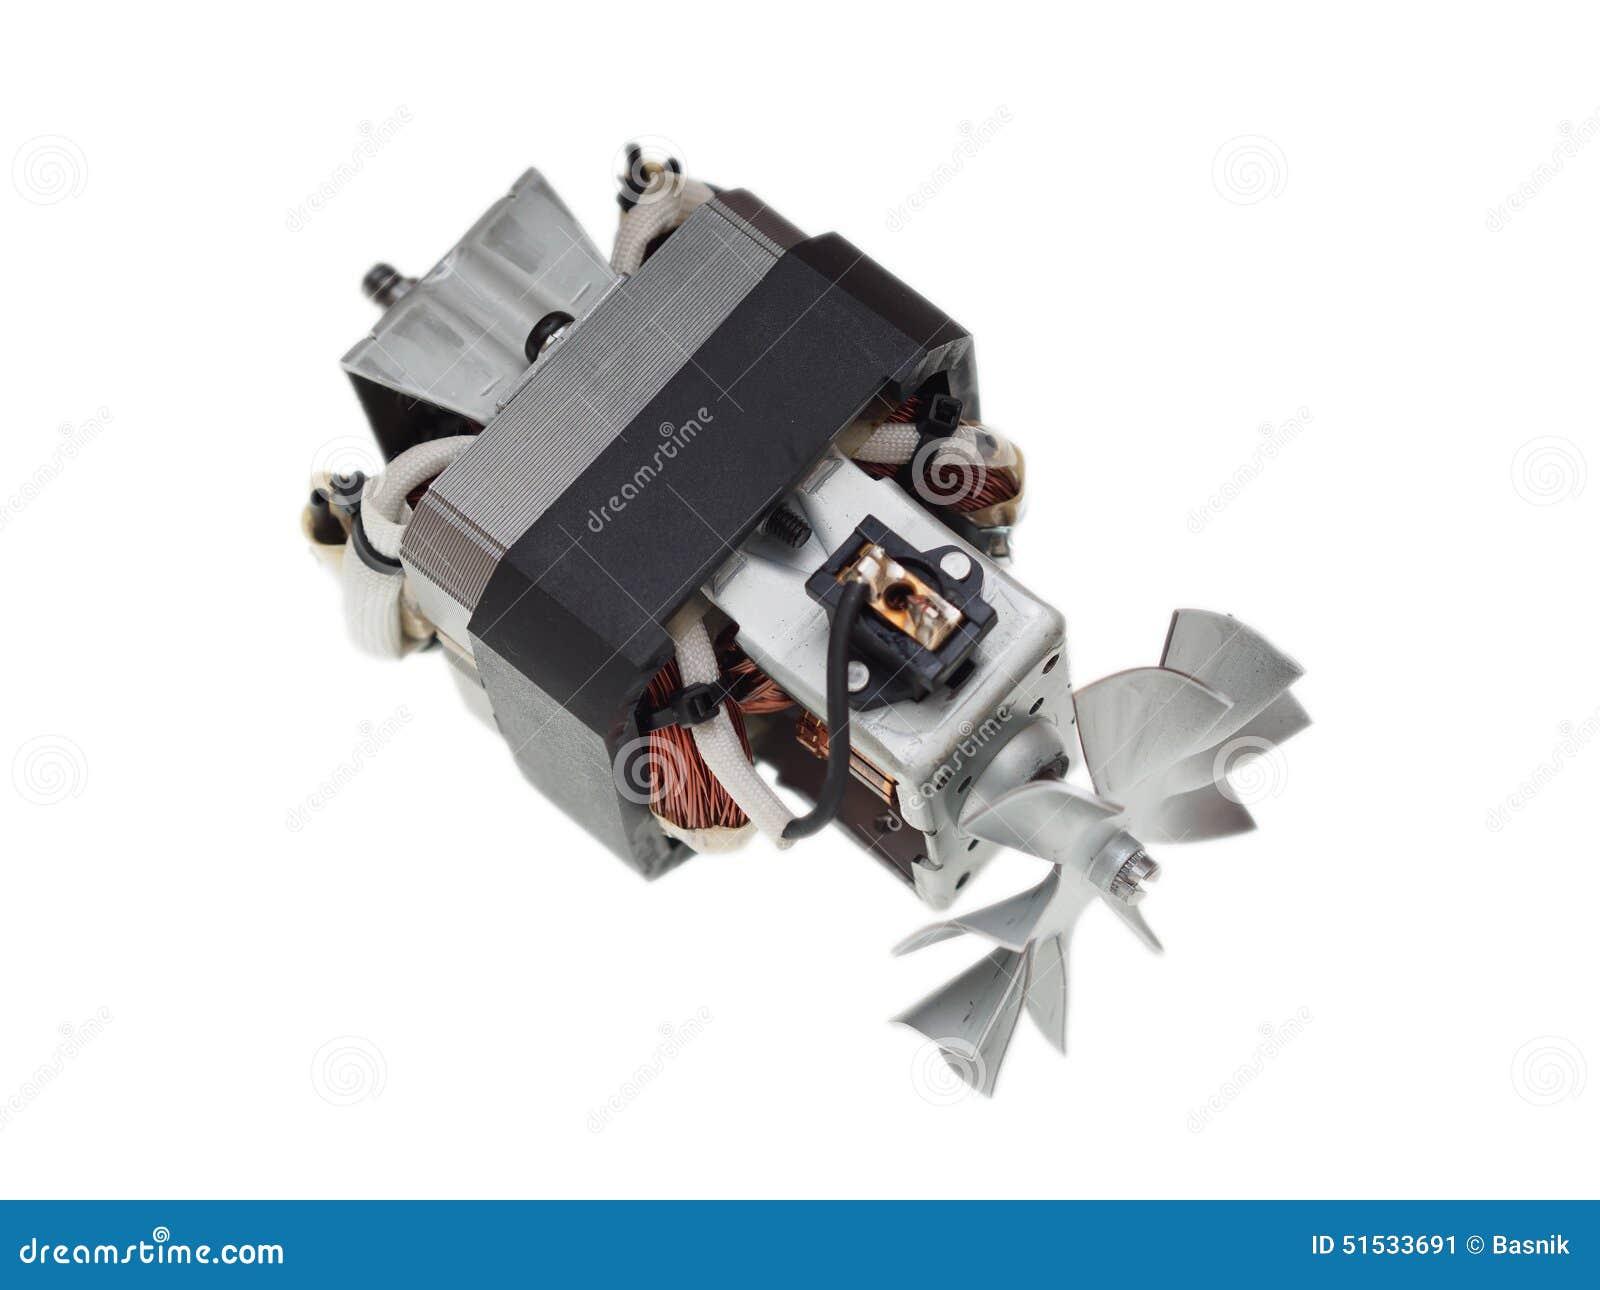 moteur lectrique d 39 aspirateur d 39 isolement sur le blanc. Black Bedroom Furniture Sets. Home Design Ideas